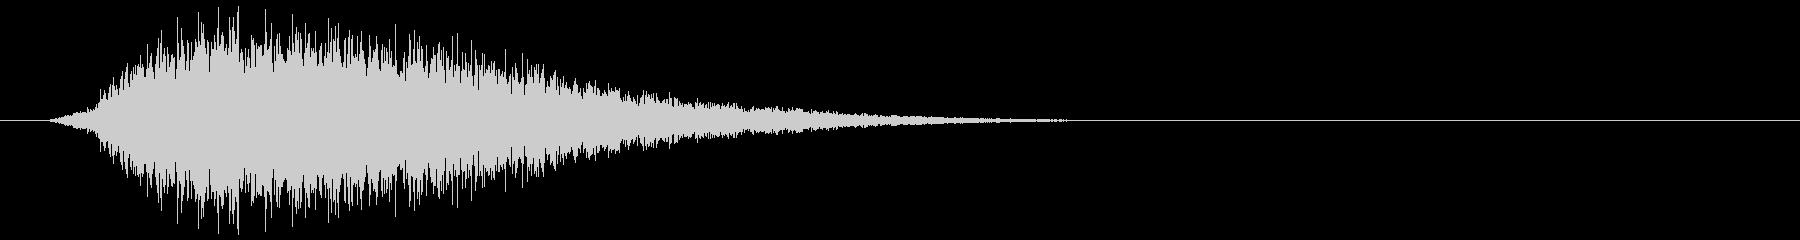 シャキーン!剣や刀、ロボット系の効果音1の未再生の波形